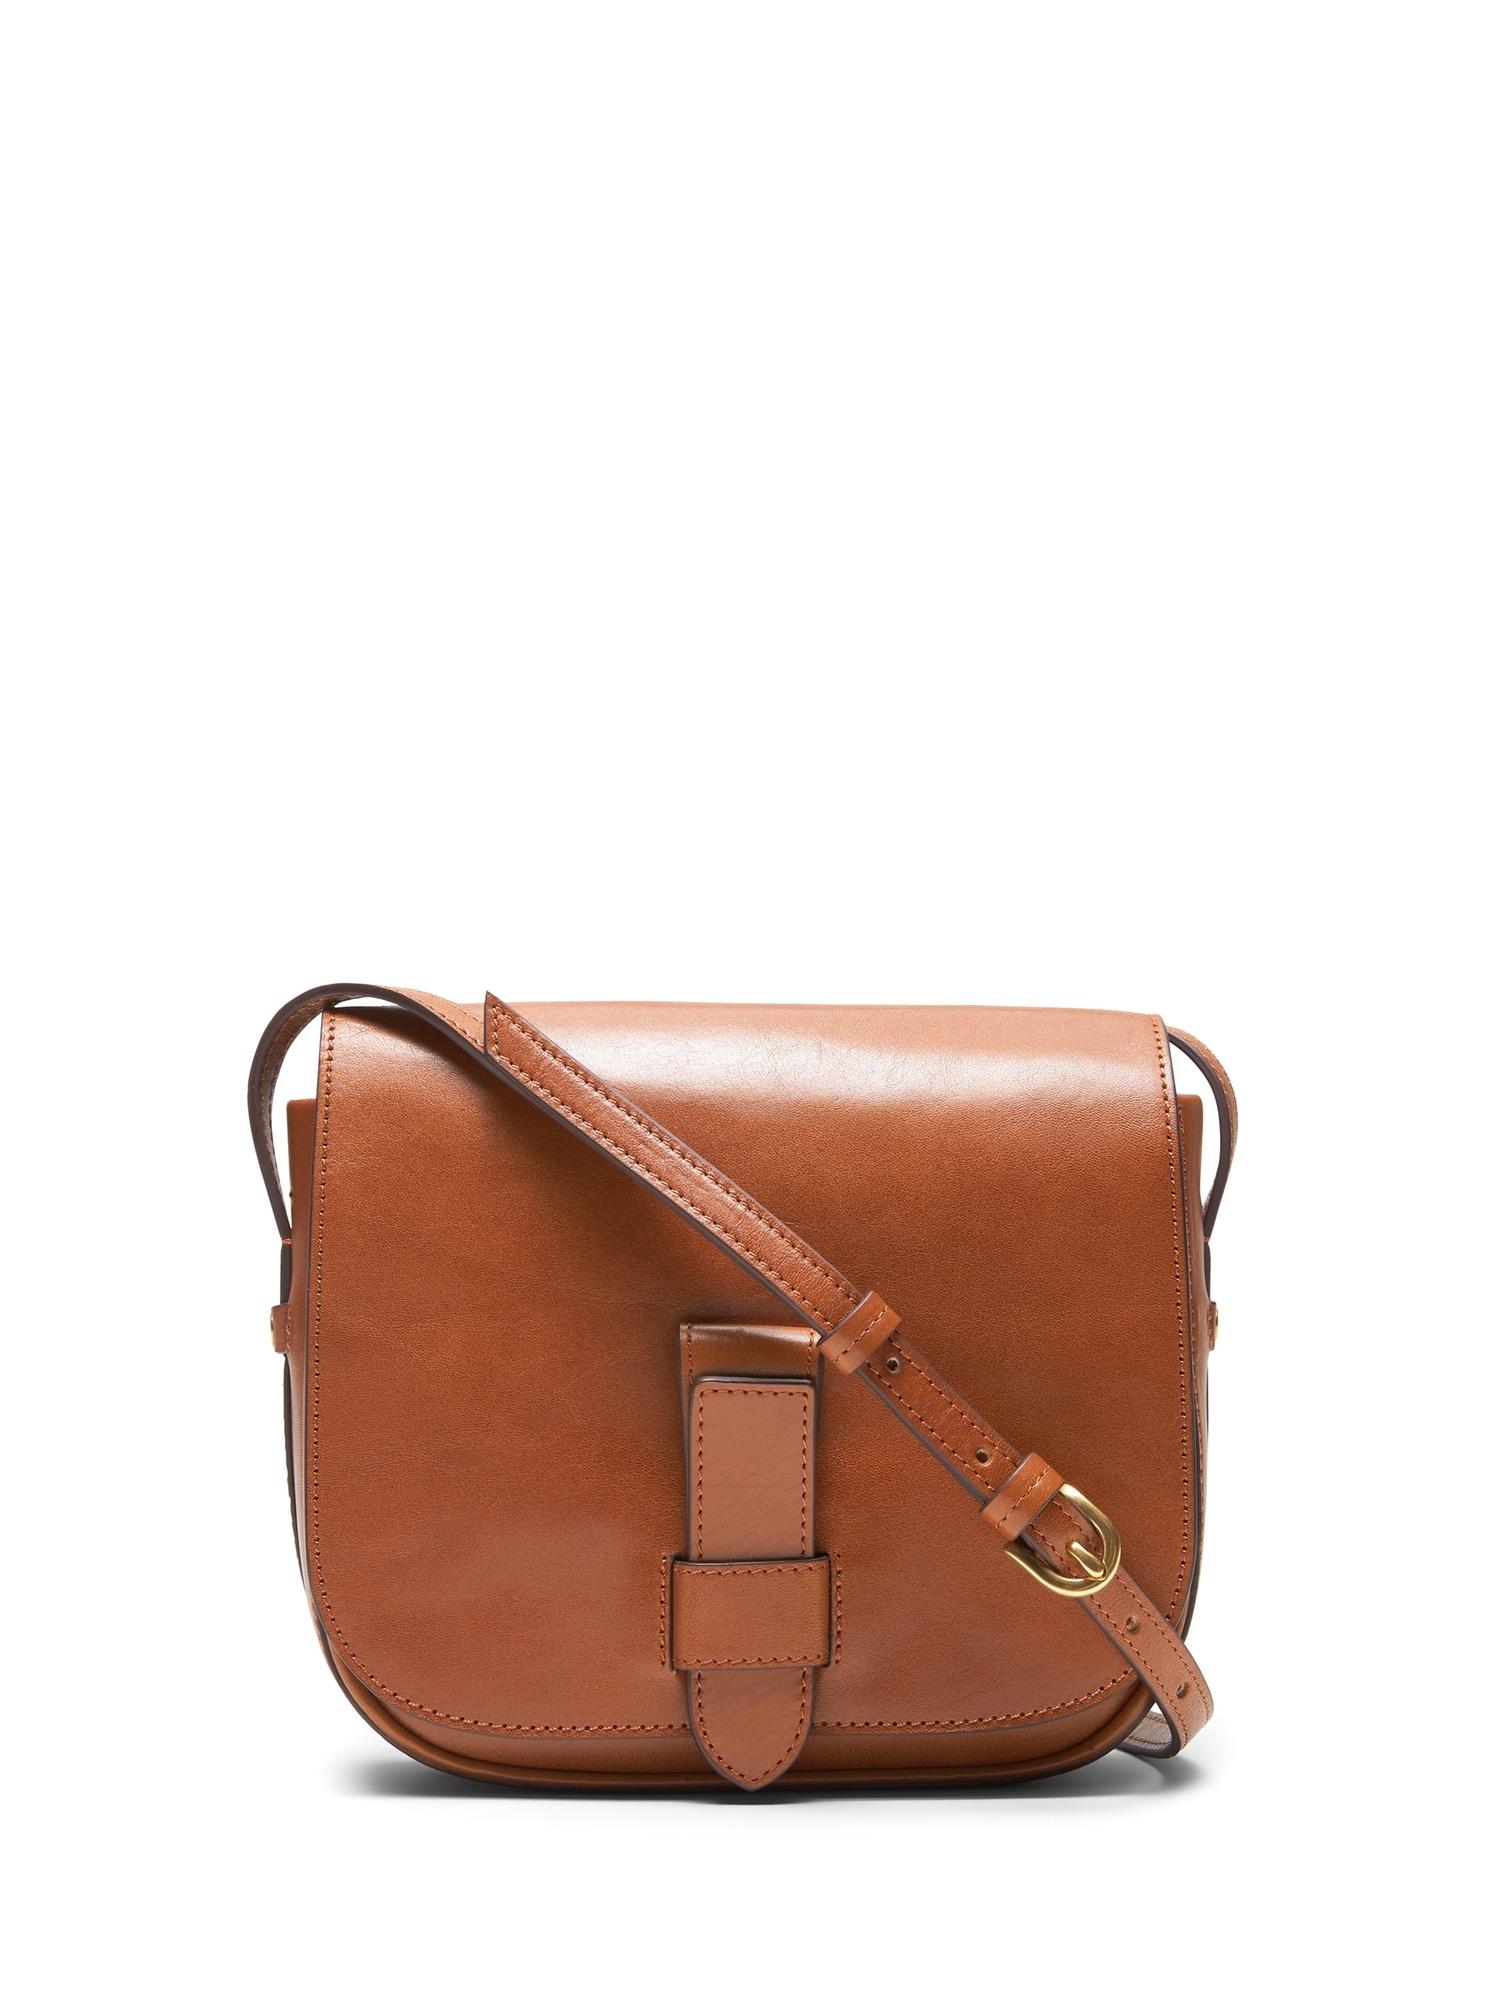 51123f59c4f6 Italian Leather Saddle Bag